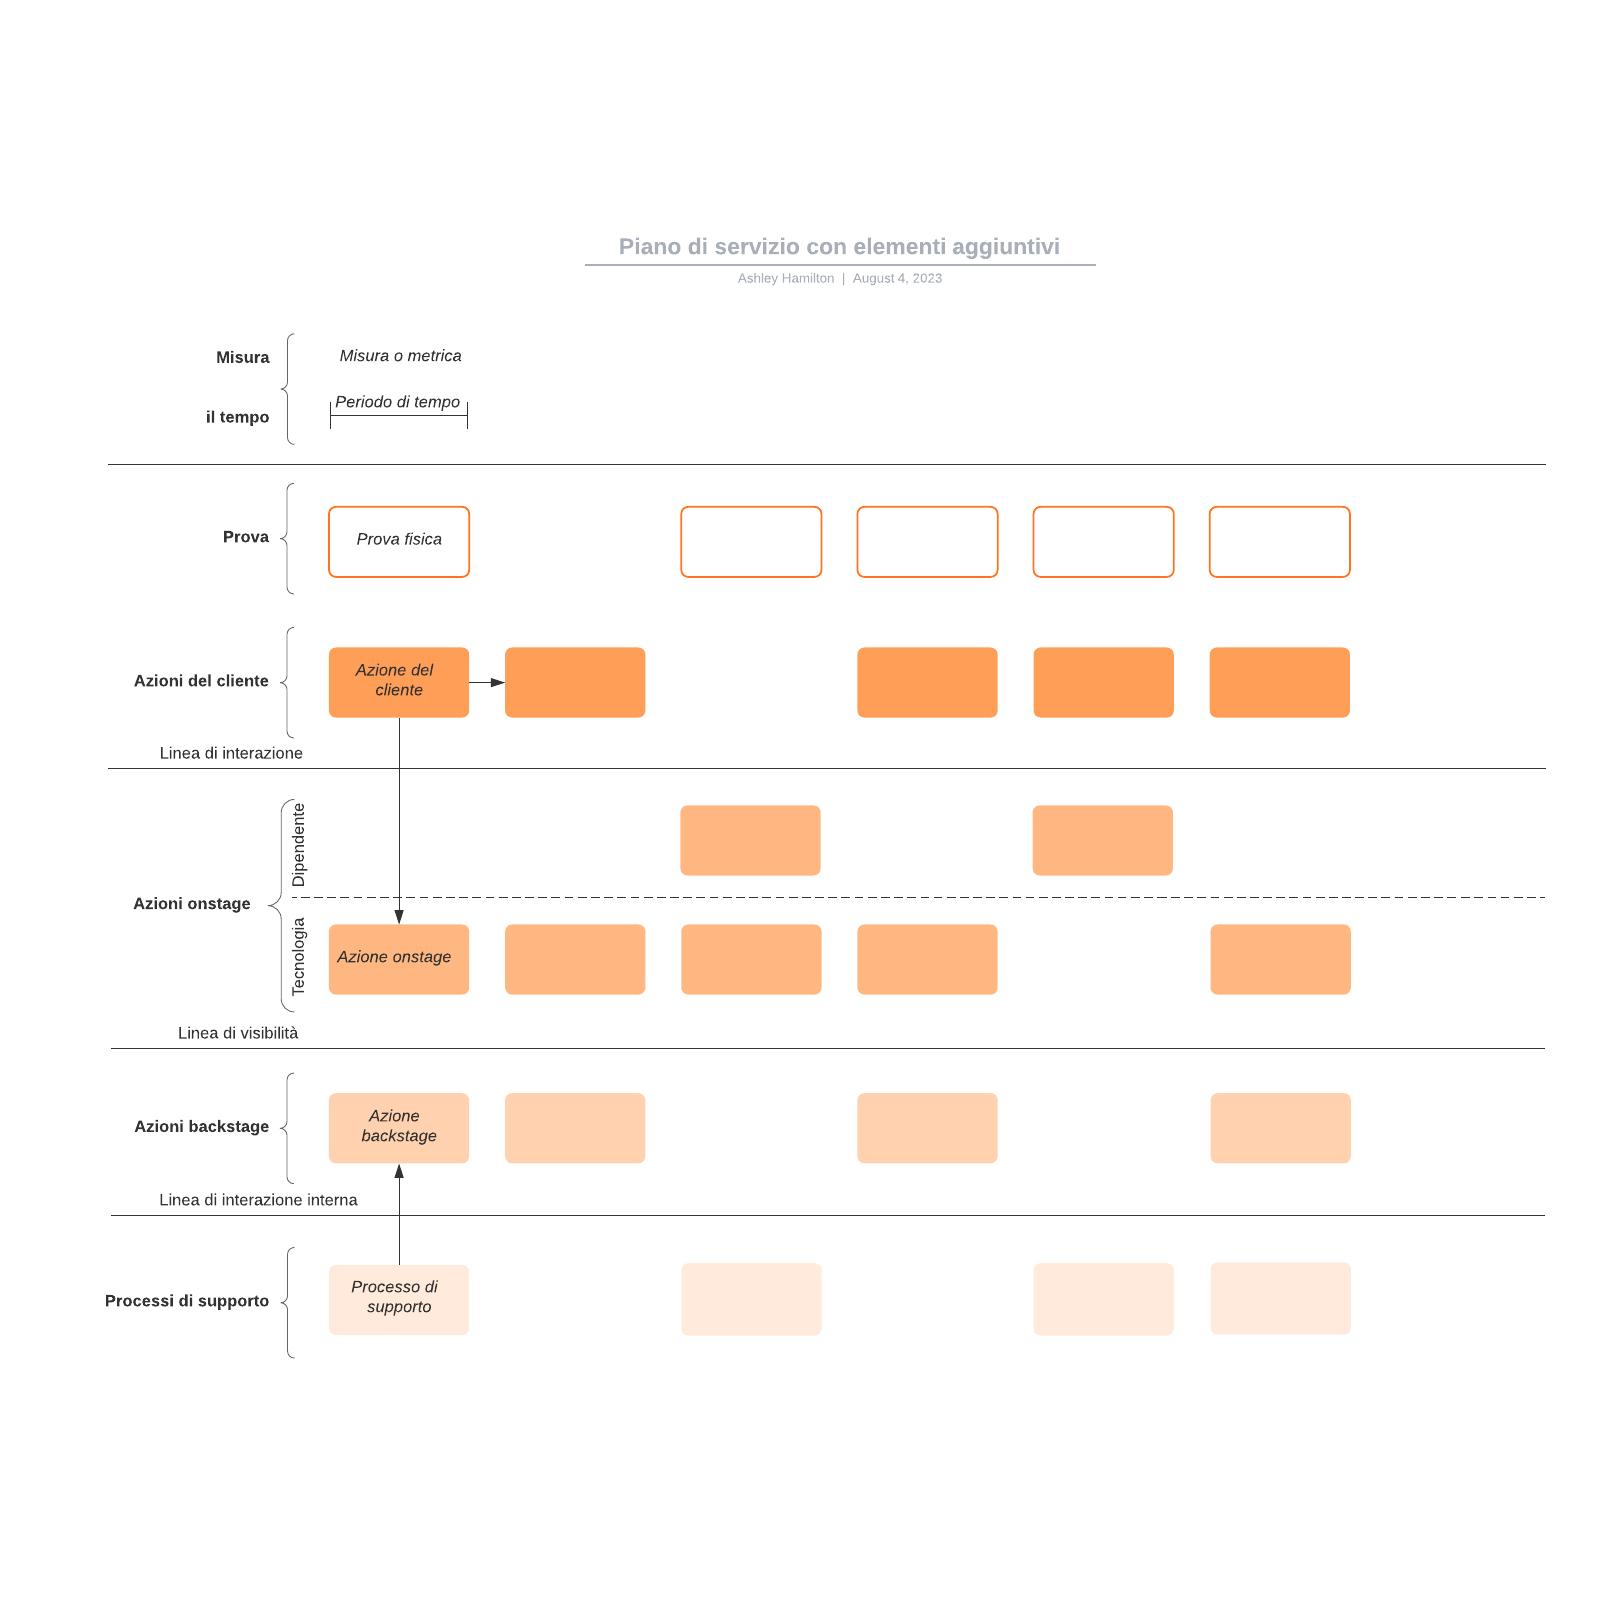 Piano di servizio con elementi aggiuntivi